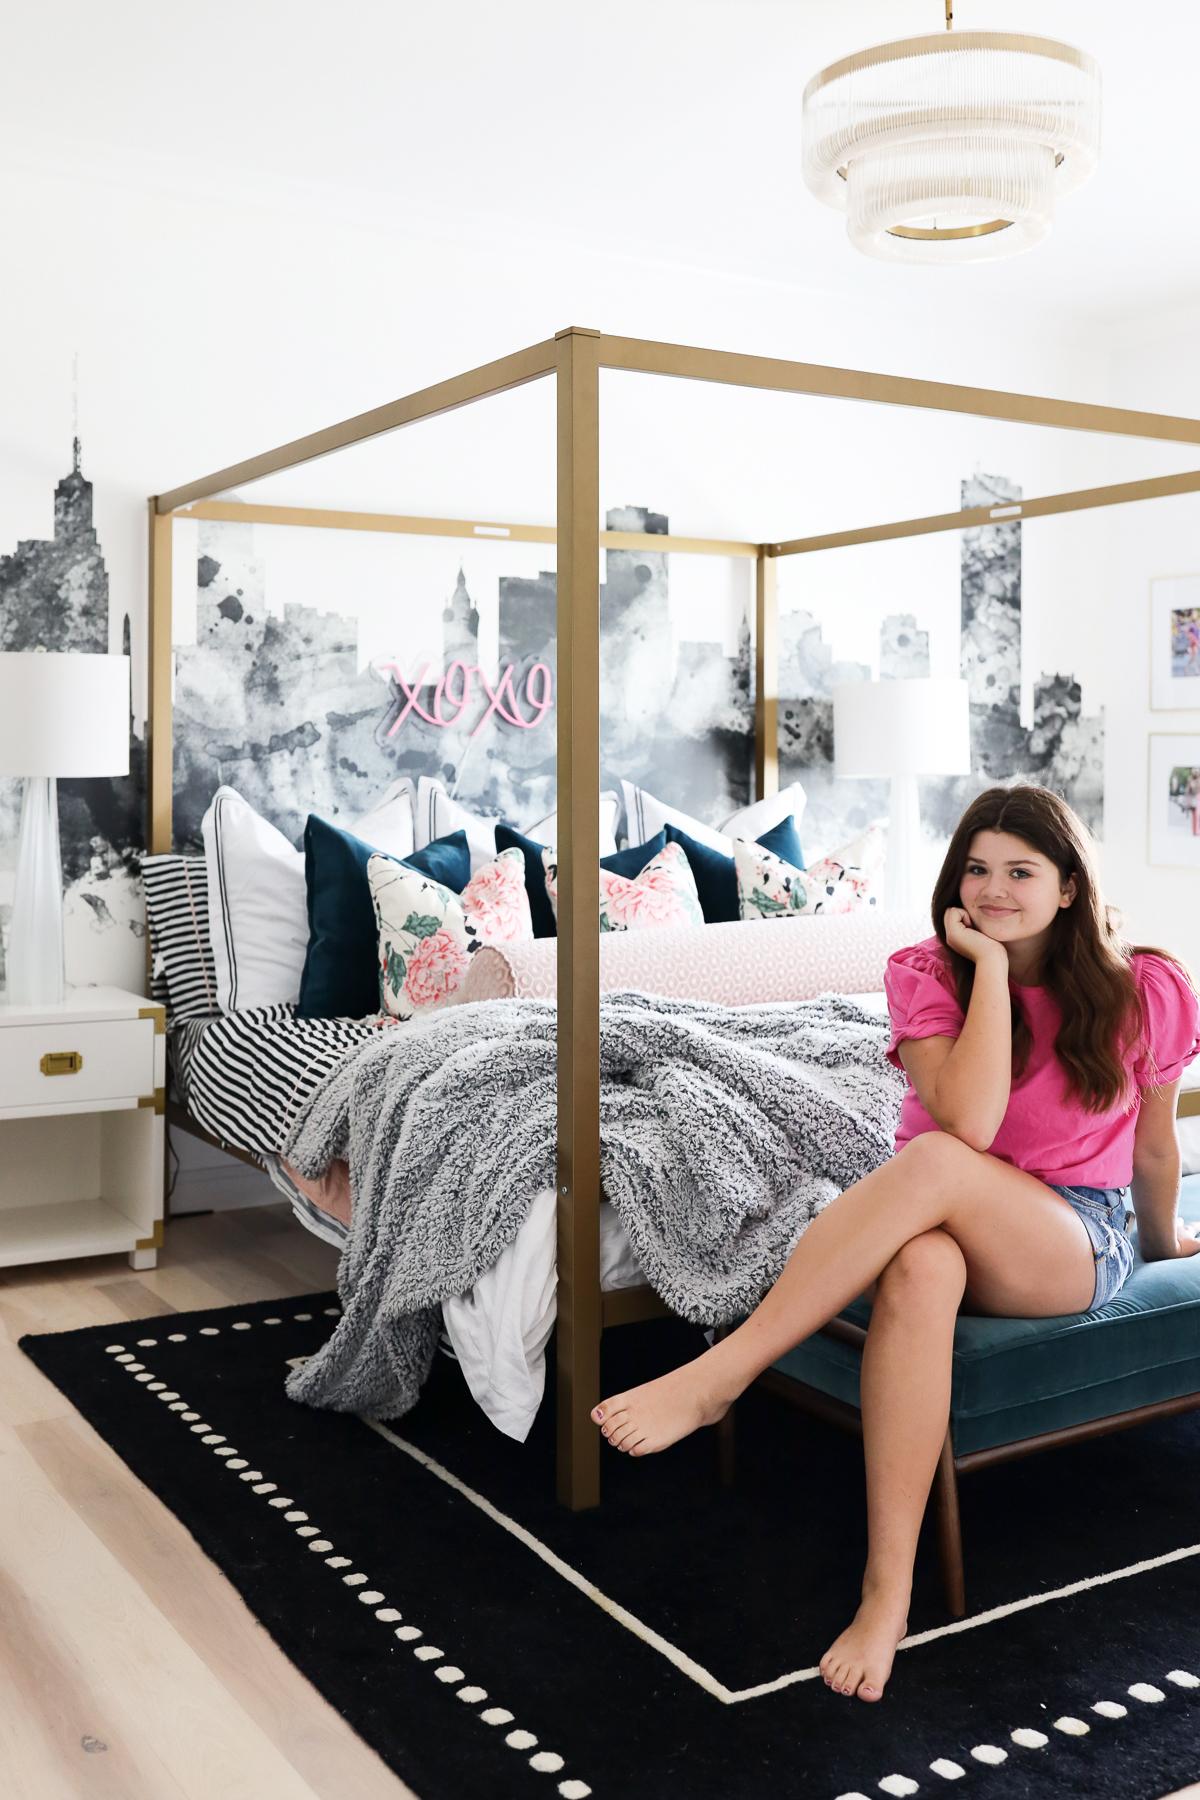 Emmy's Gossip Girl Bedroom Design Debut